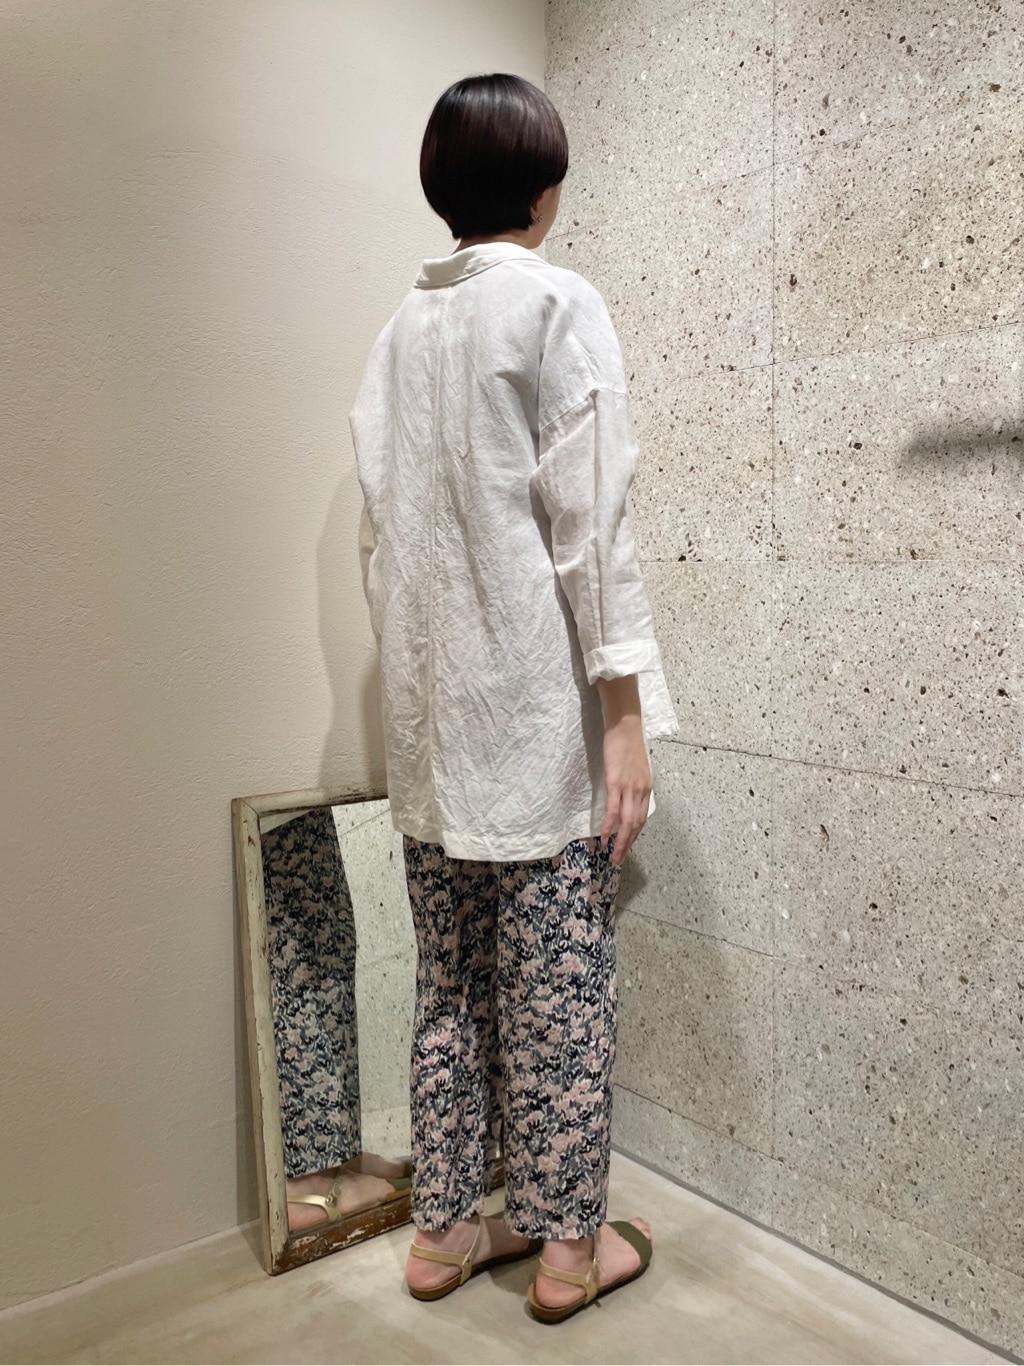 yuni ニュウマン横浜 身長:166cm 2021.06.01